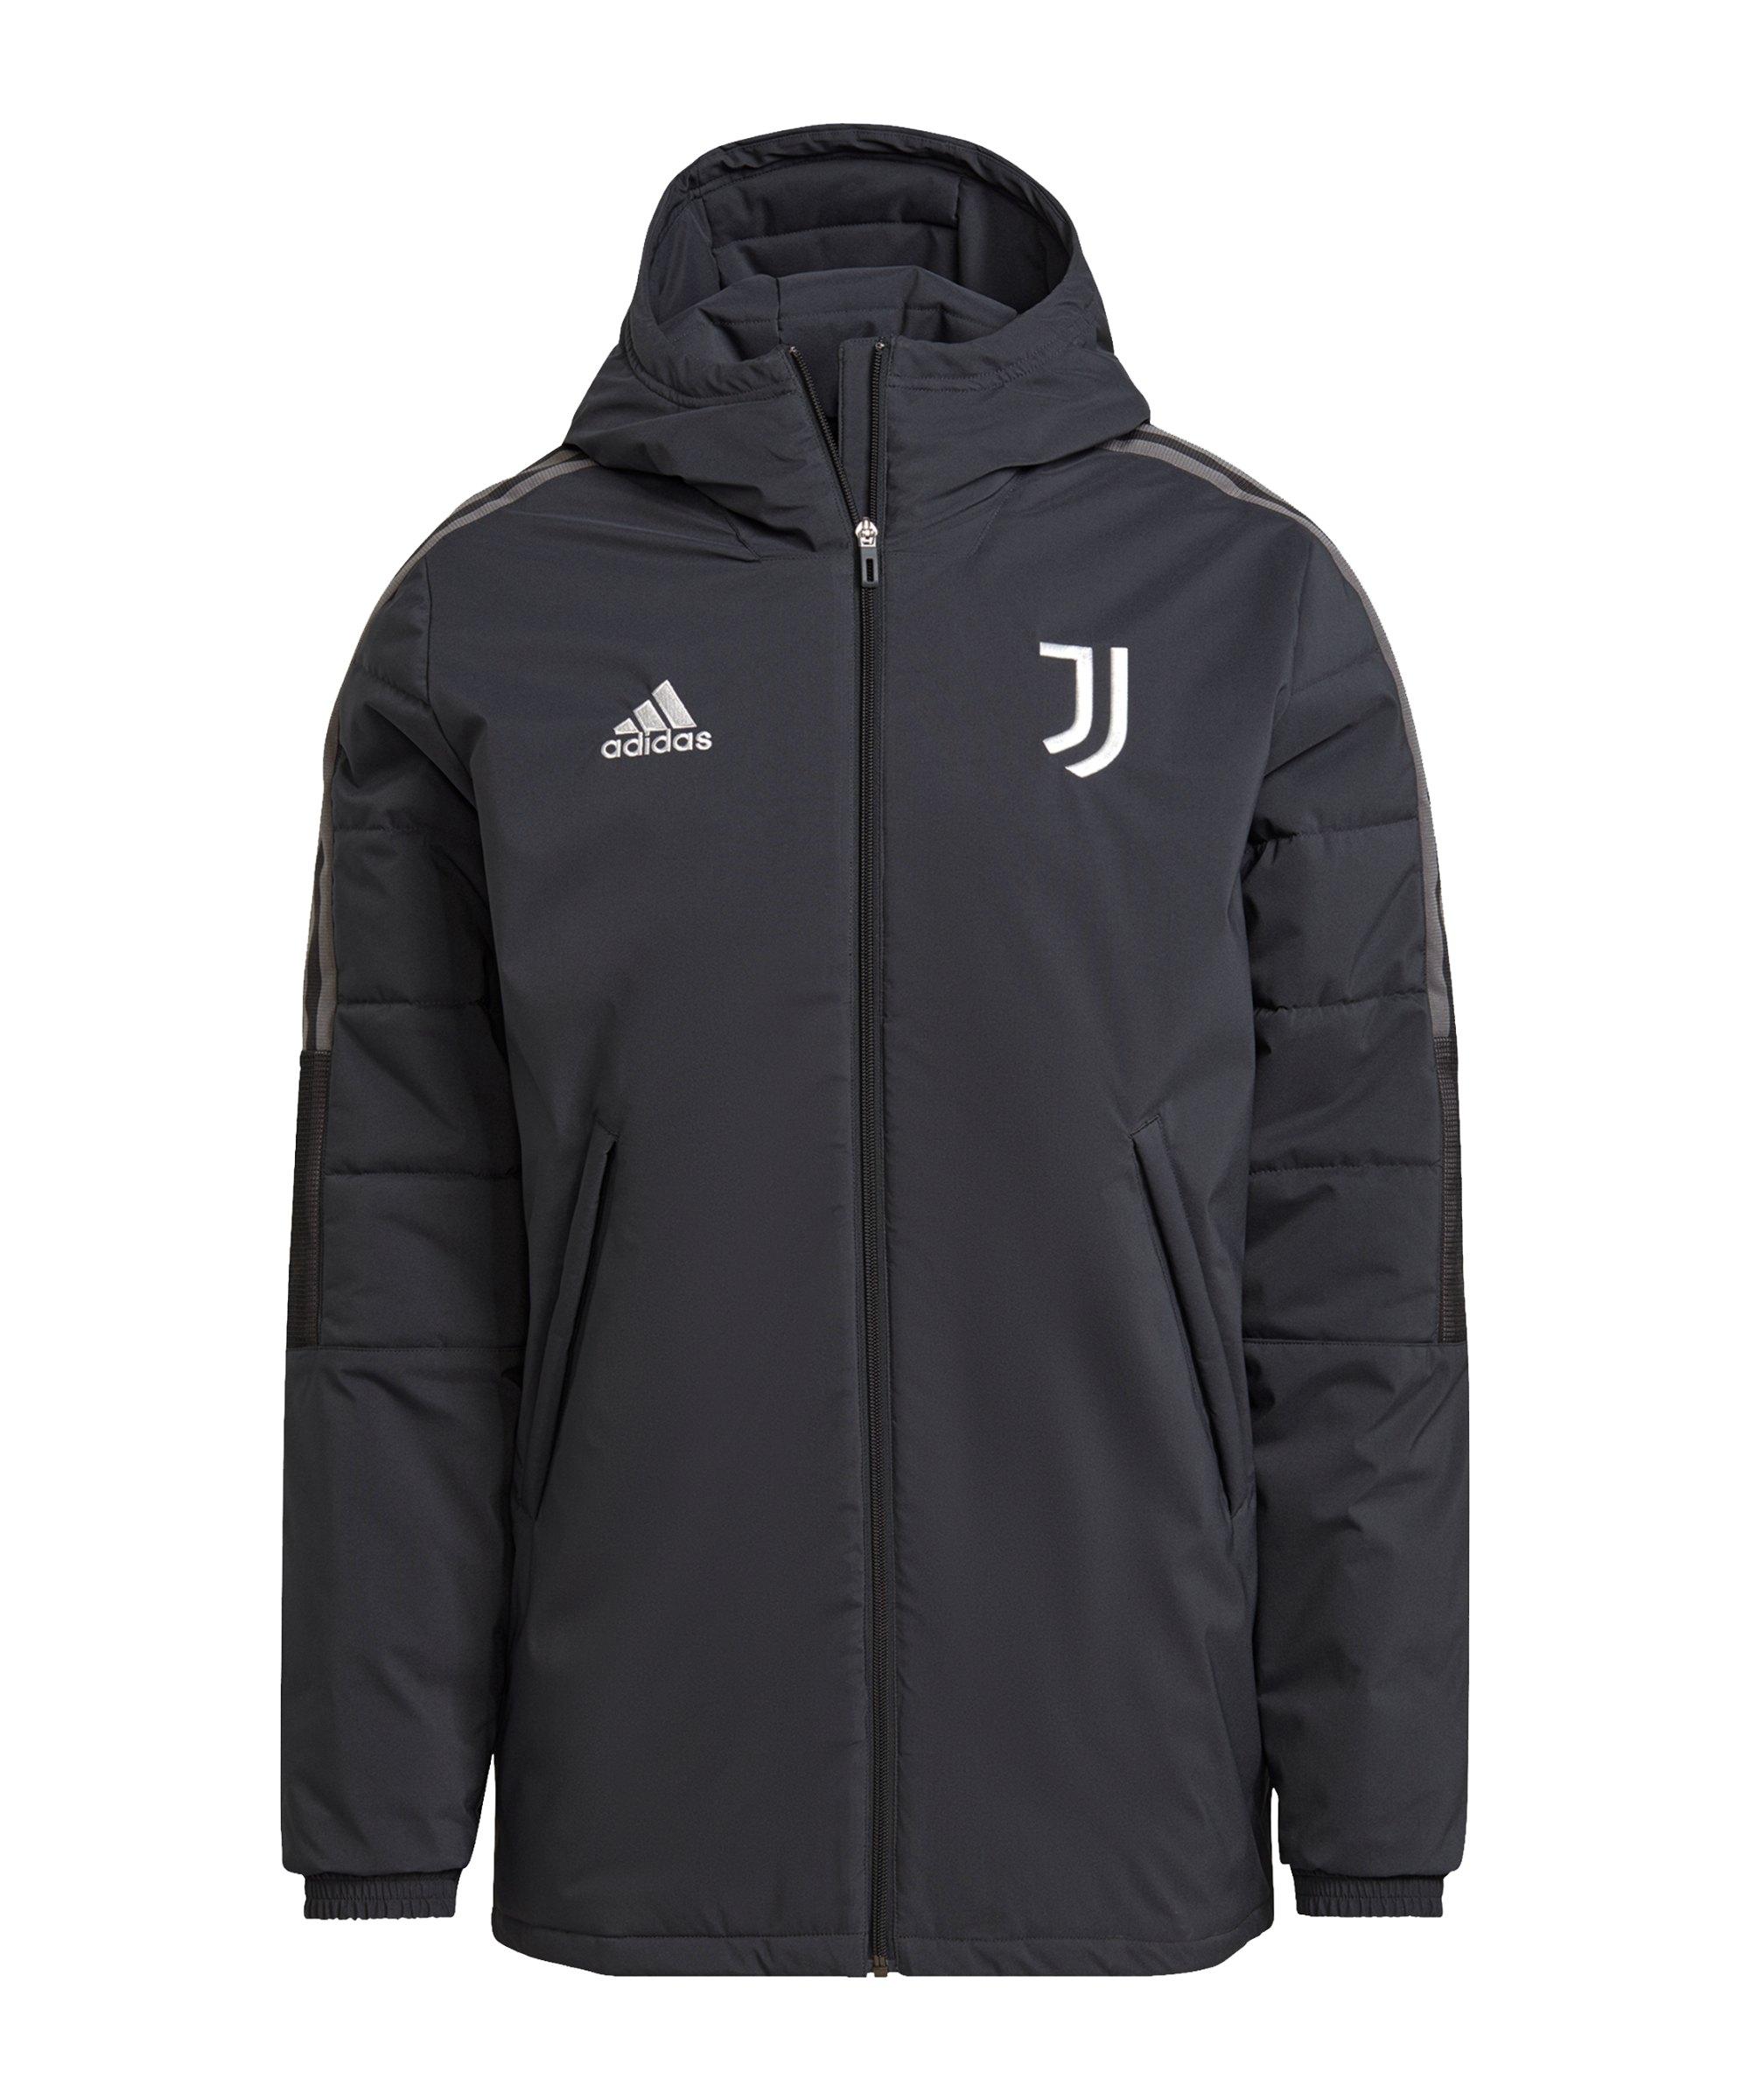 adidas Juventus Turin Winterjacke Grau - grau